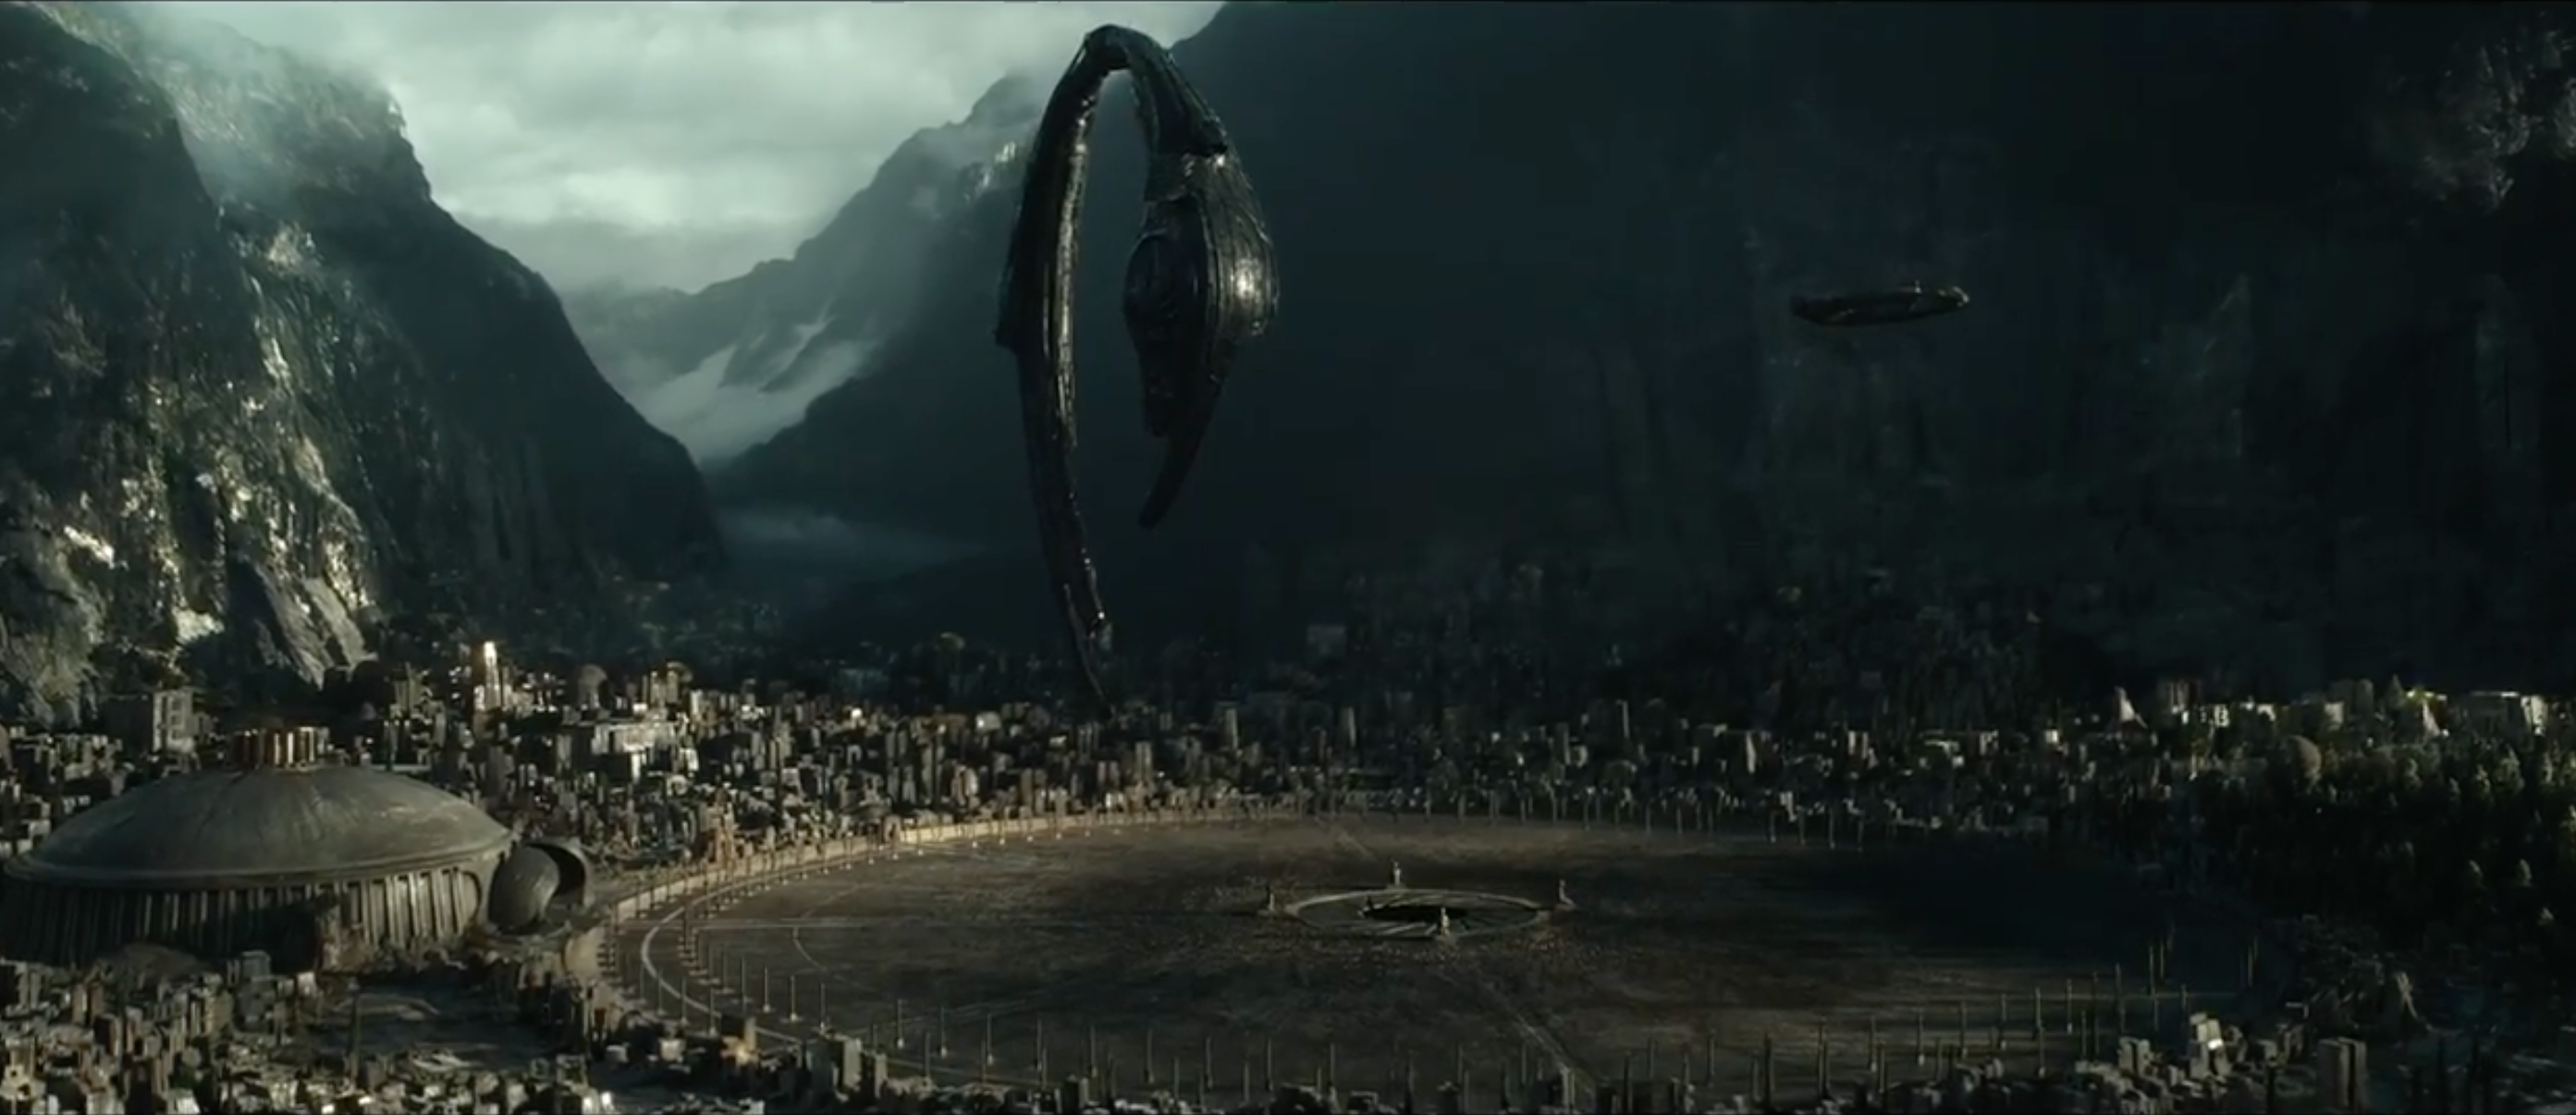 រូបភាពពាក់ព័ន្ធ Alien covenant, The covenant, Alien